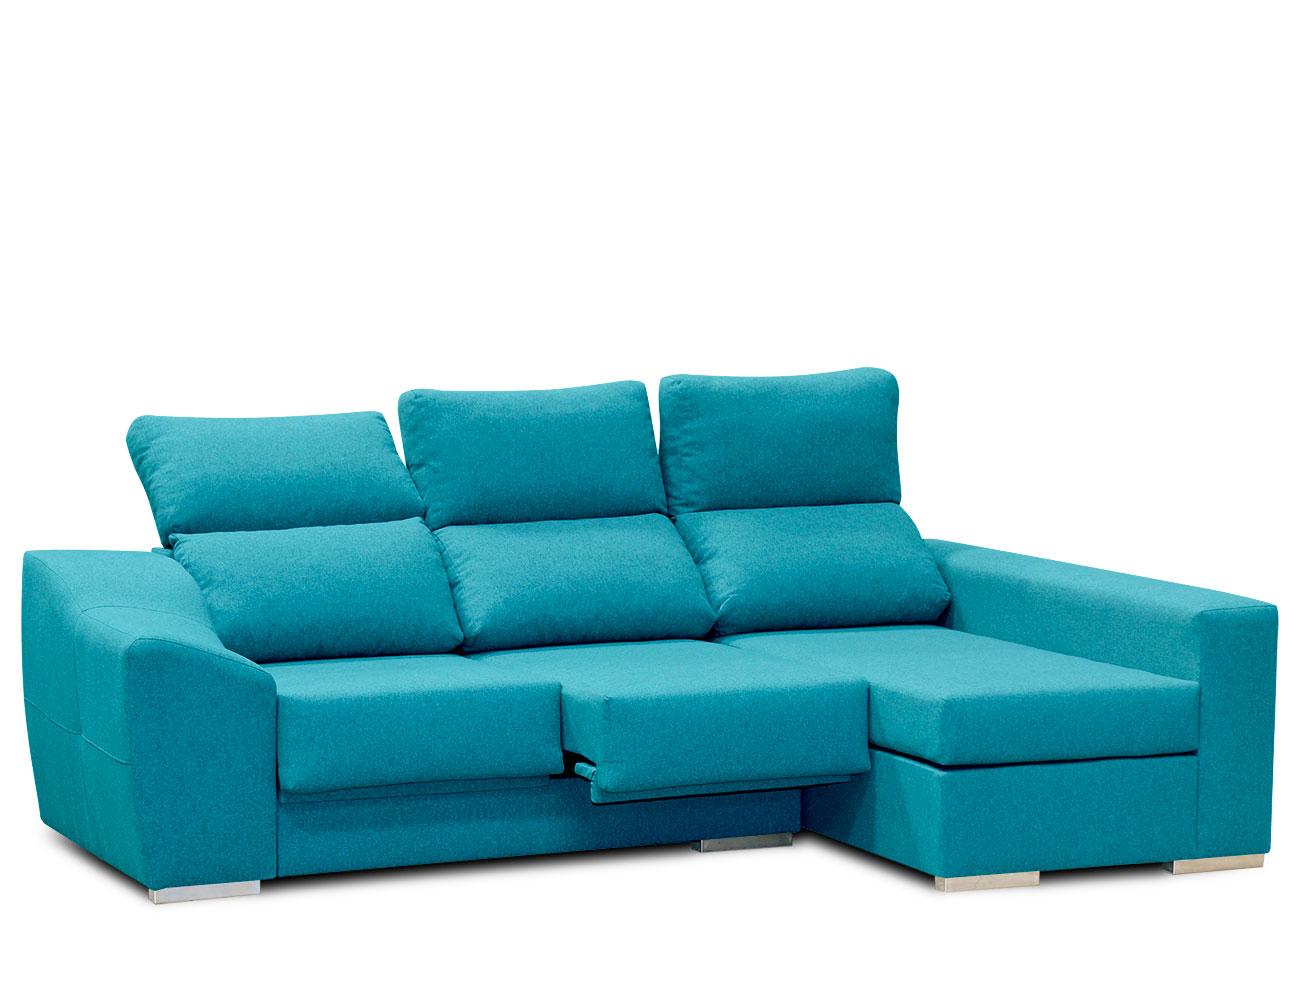 Factory del mueble utrera el mejor precio en muebles y for Chaise longue azul turquesa